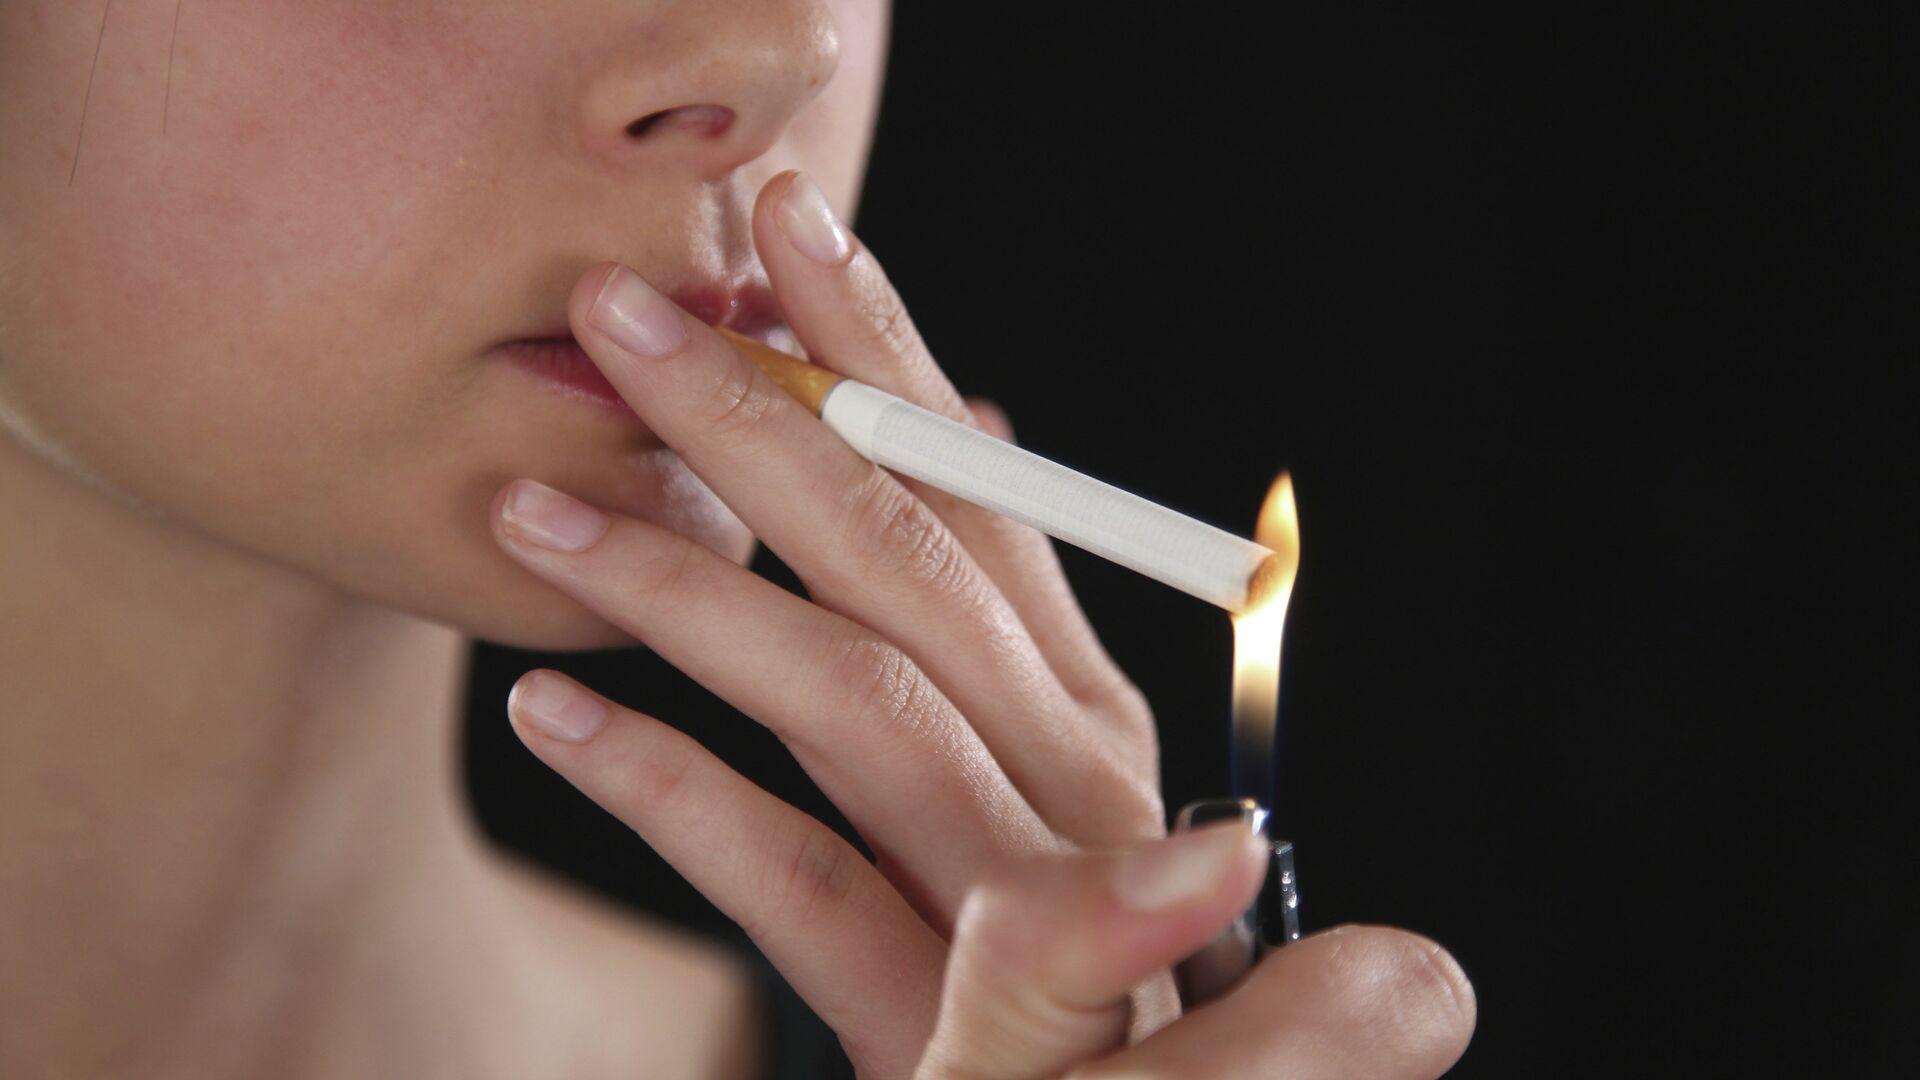 Женщина поджигает сигарету - РИА Новости, 1920, 22.01.2021